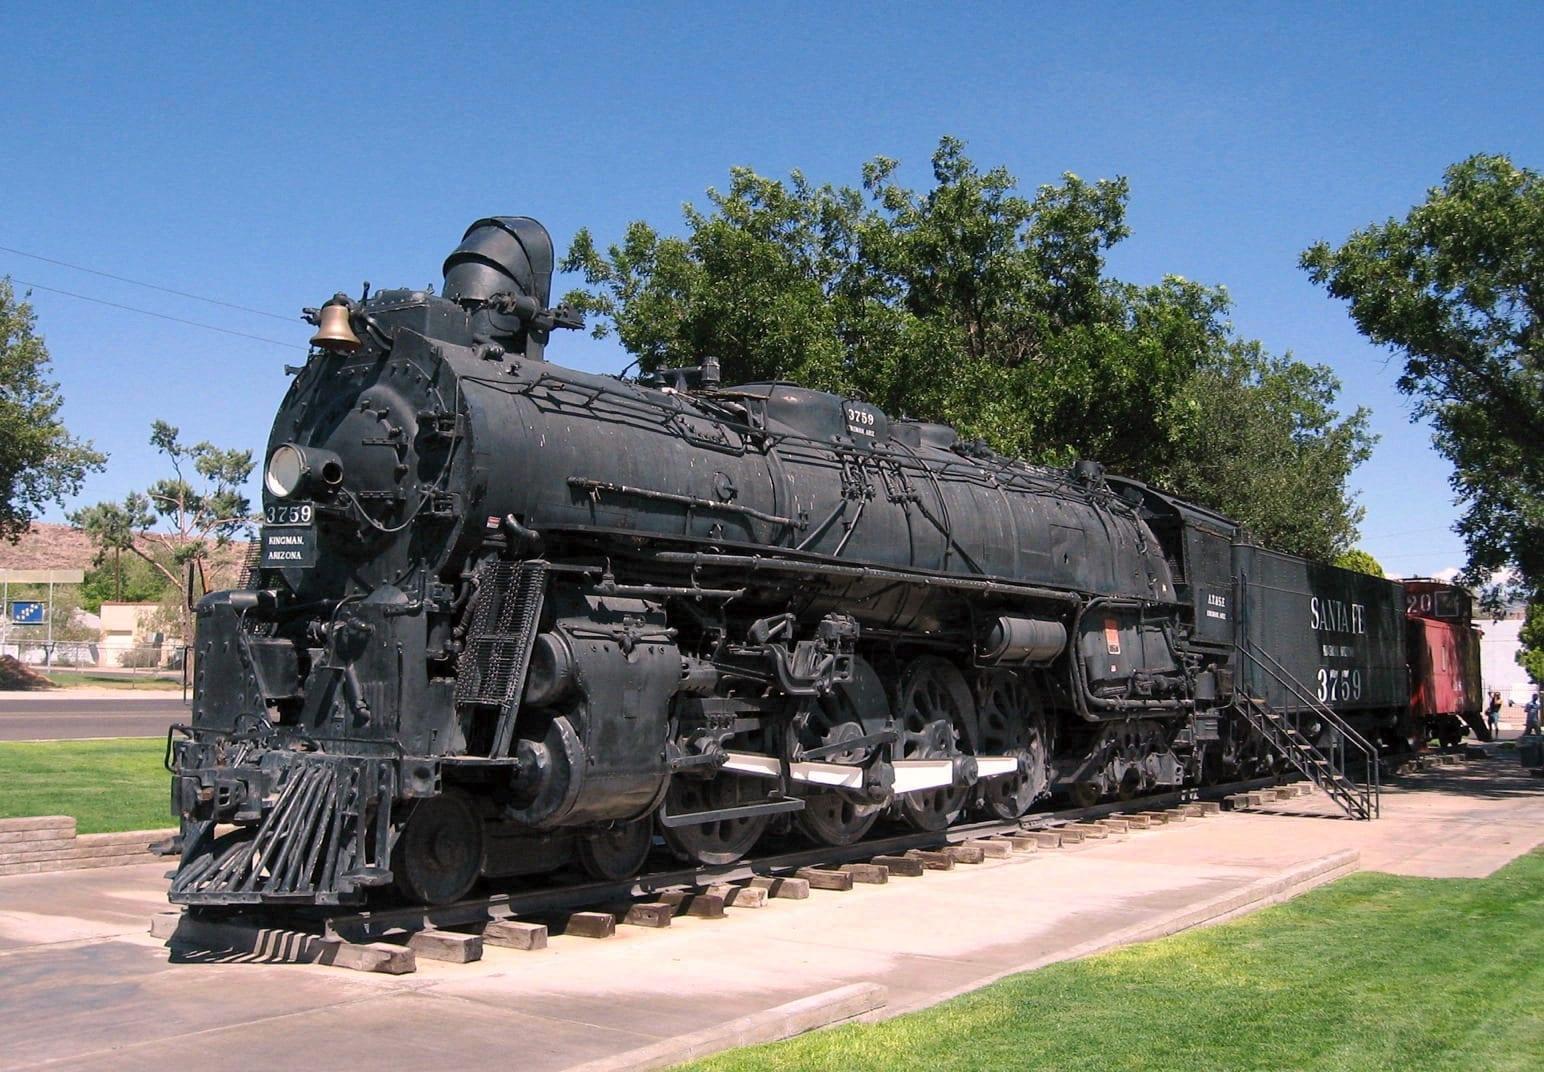 La locomotora Santa Fe #3759 en el Parque de Locomotoras Kingman AZ Estados Unidos